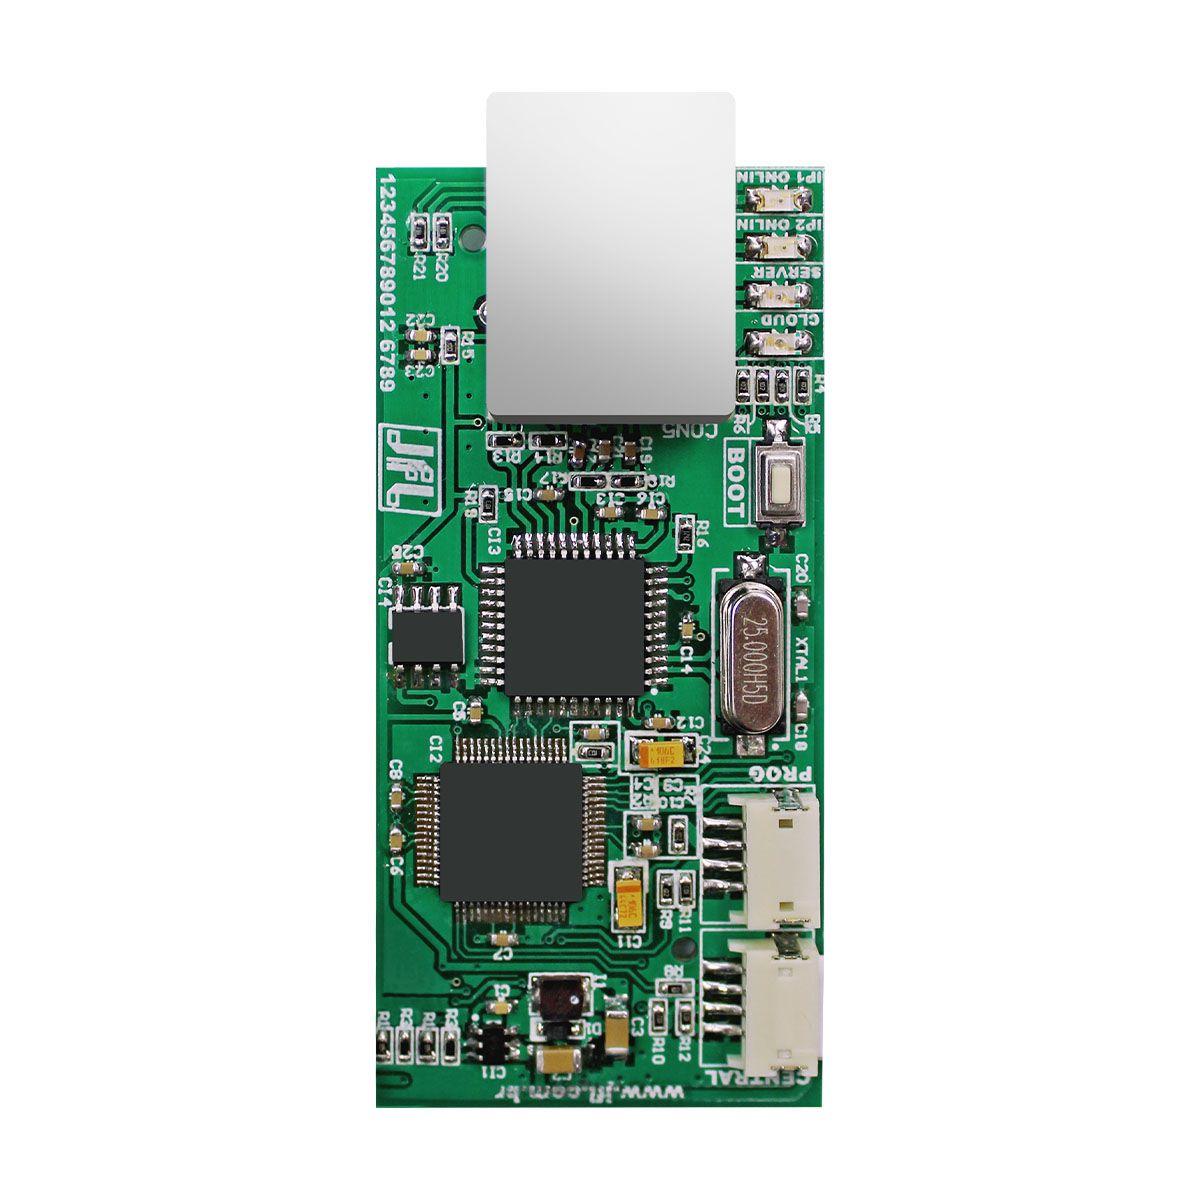 Kit Cerca Eletrica Ecr 18 Plus Jfl 40mts Com Big Haste e Aplicativo